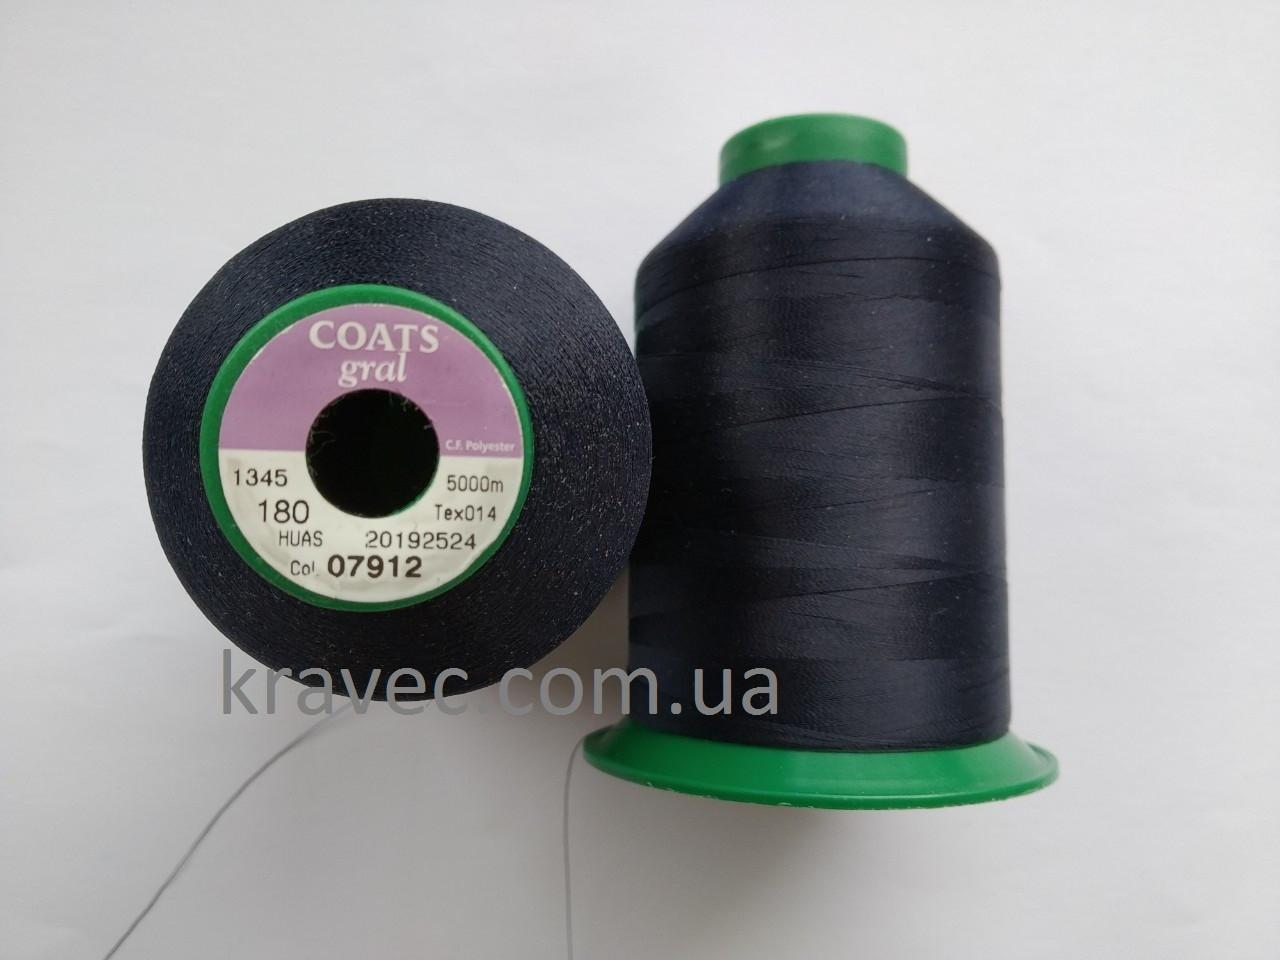 Нитки Coats gral 180 соl 07912